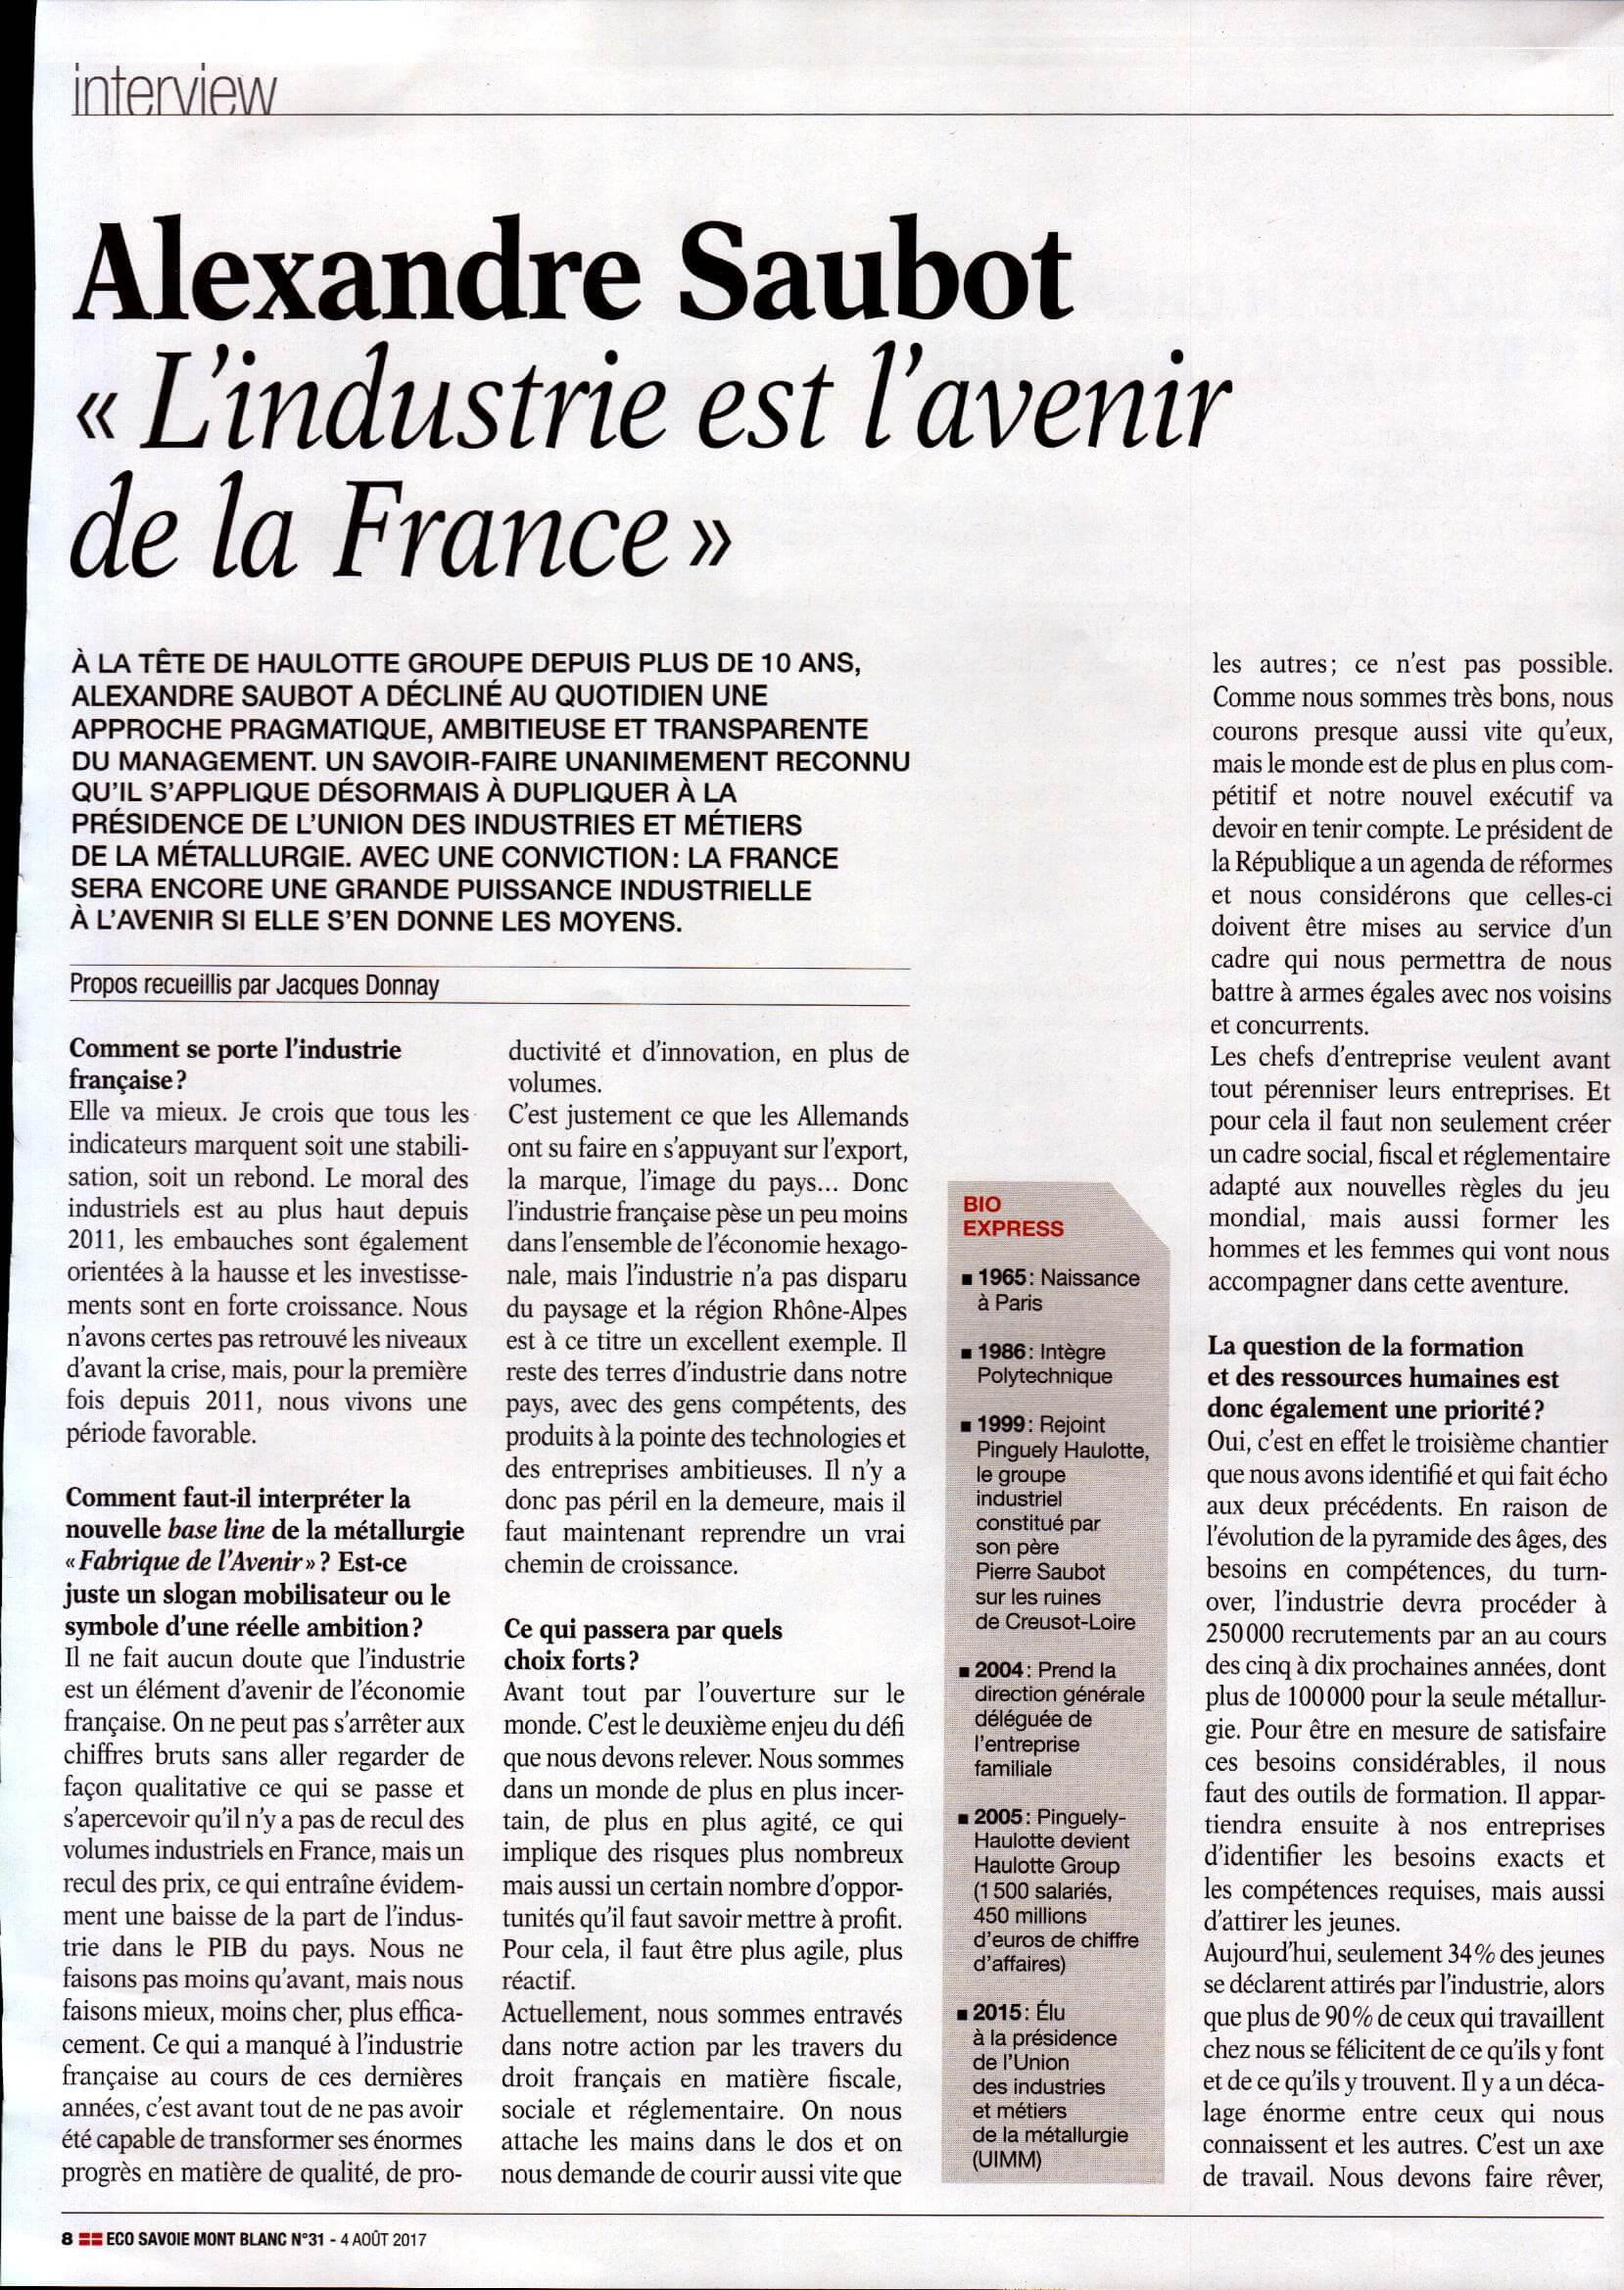 Avenir de l'industrie en France